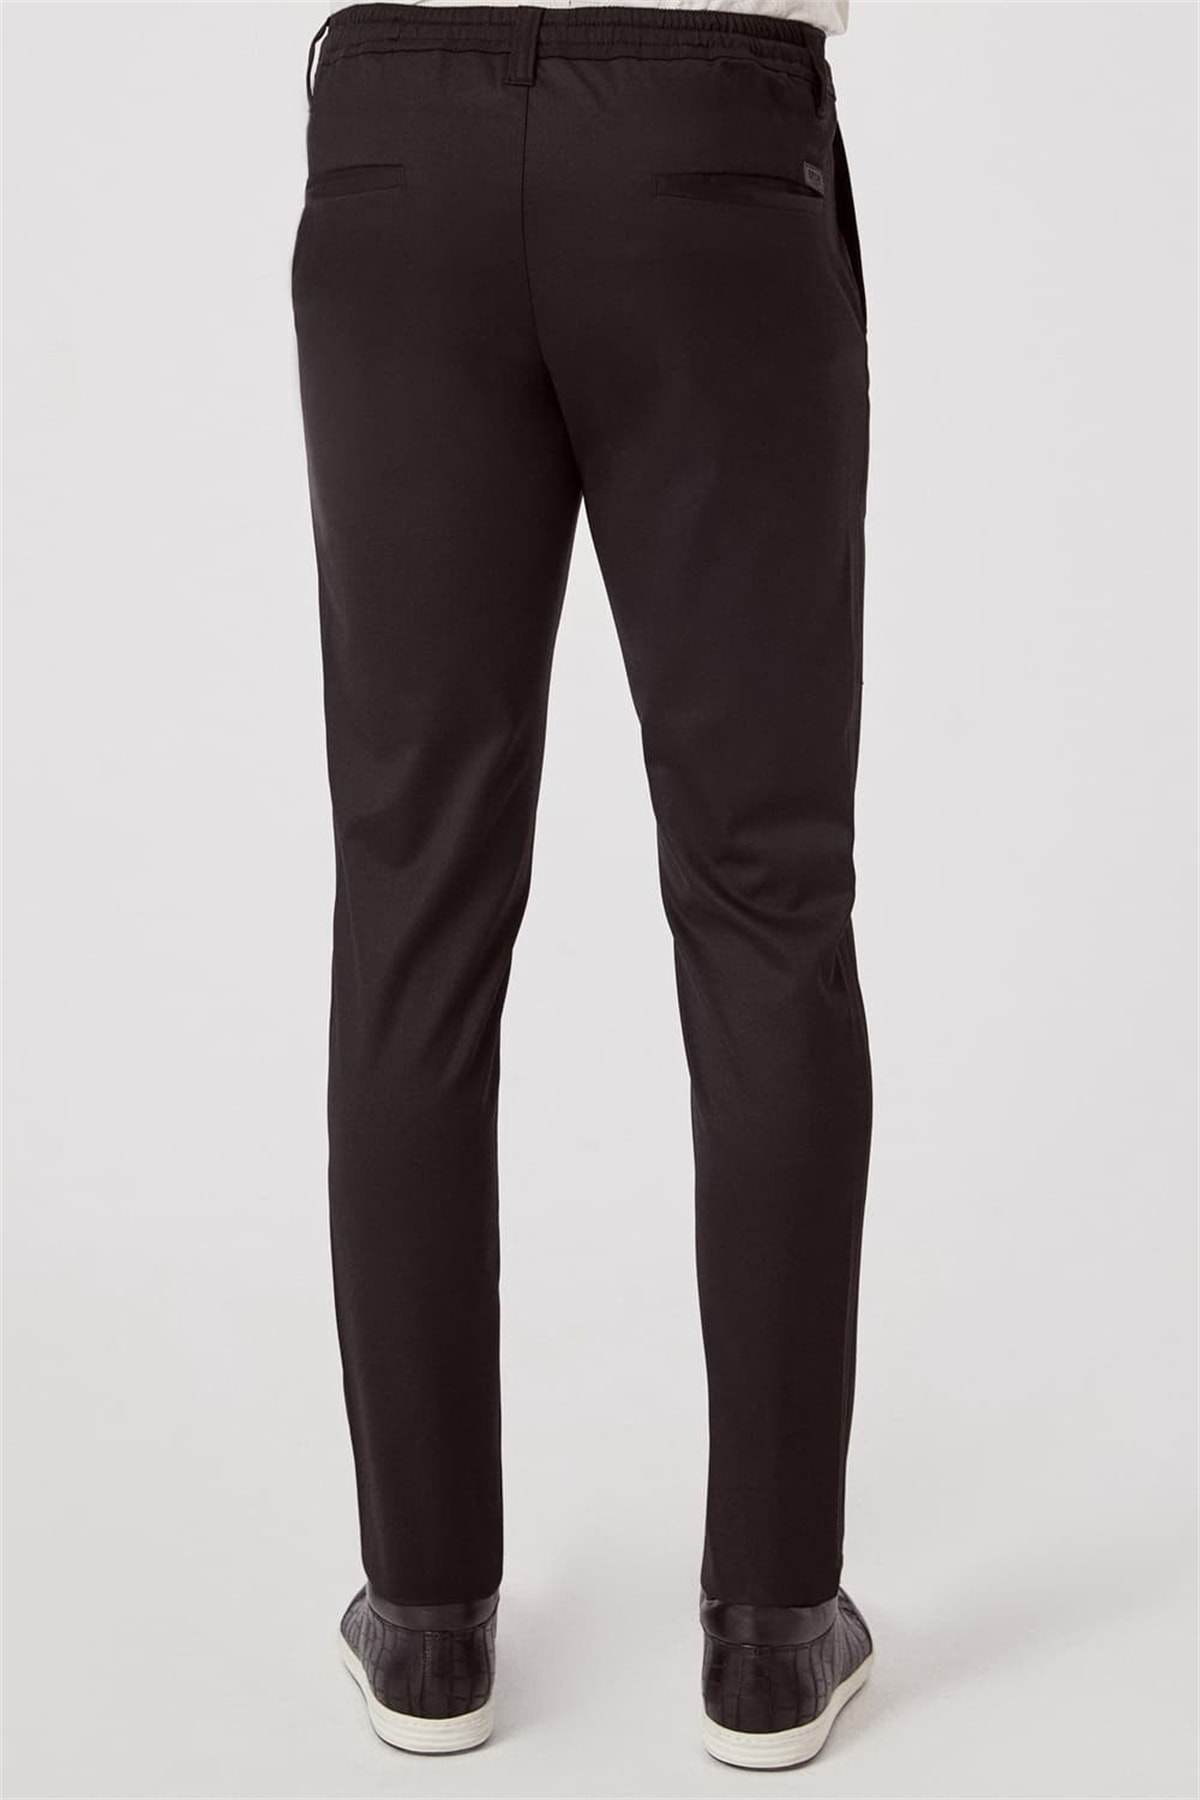 Efor ATP 015 Rahat Kesim Siyah Spor Pantolon 3